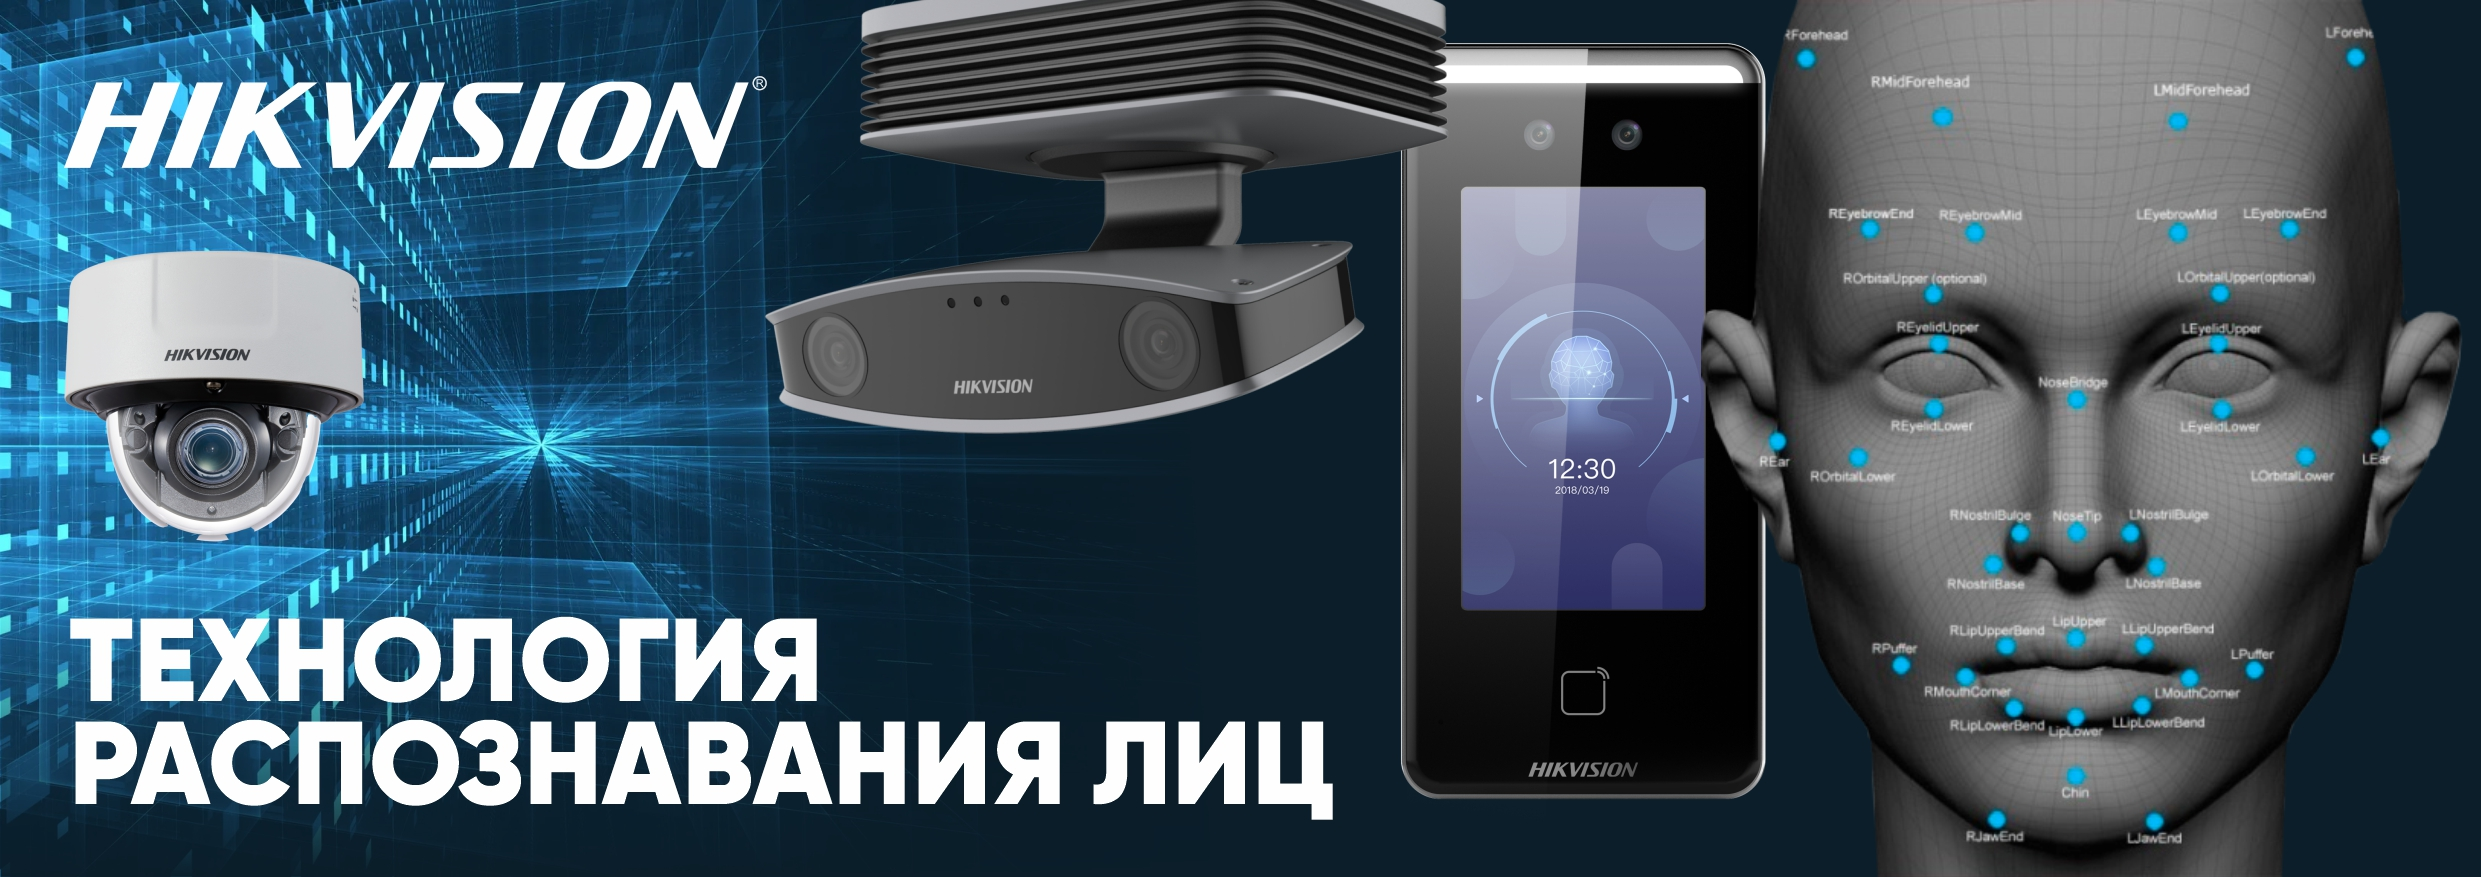 Технология распознавания лиц от компании Hikvision